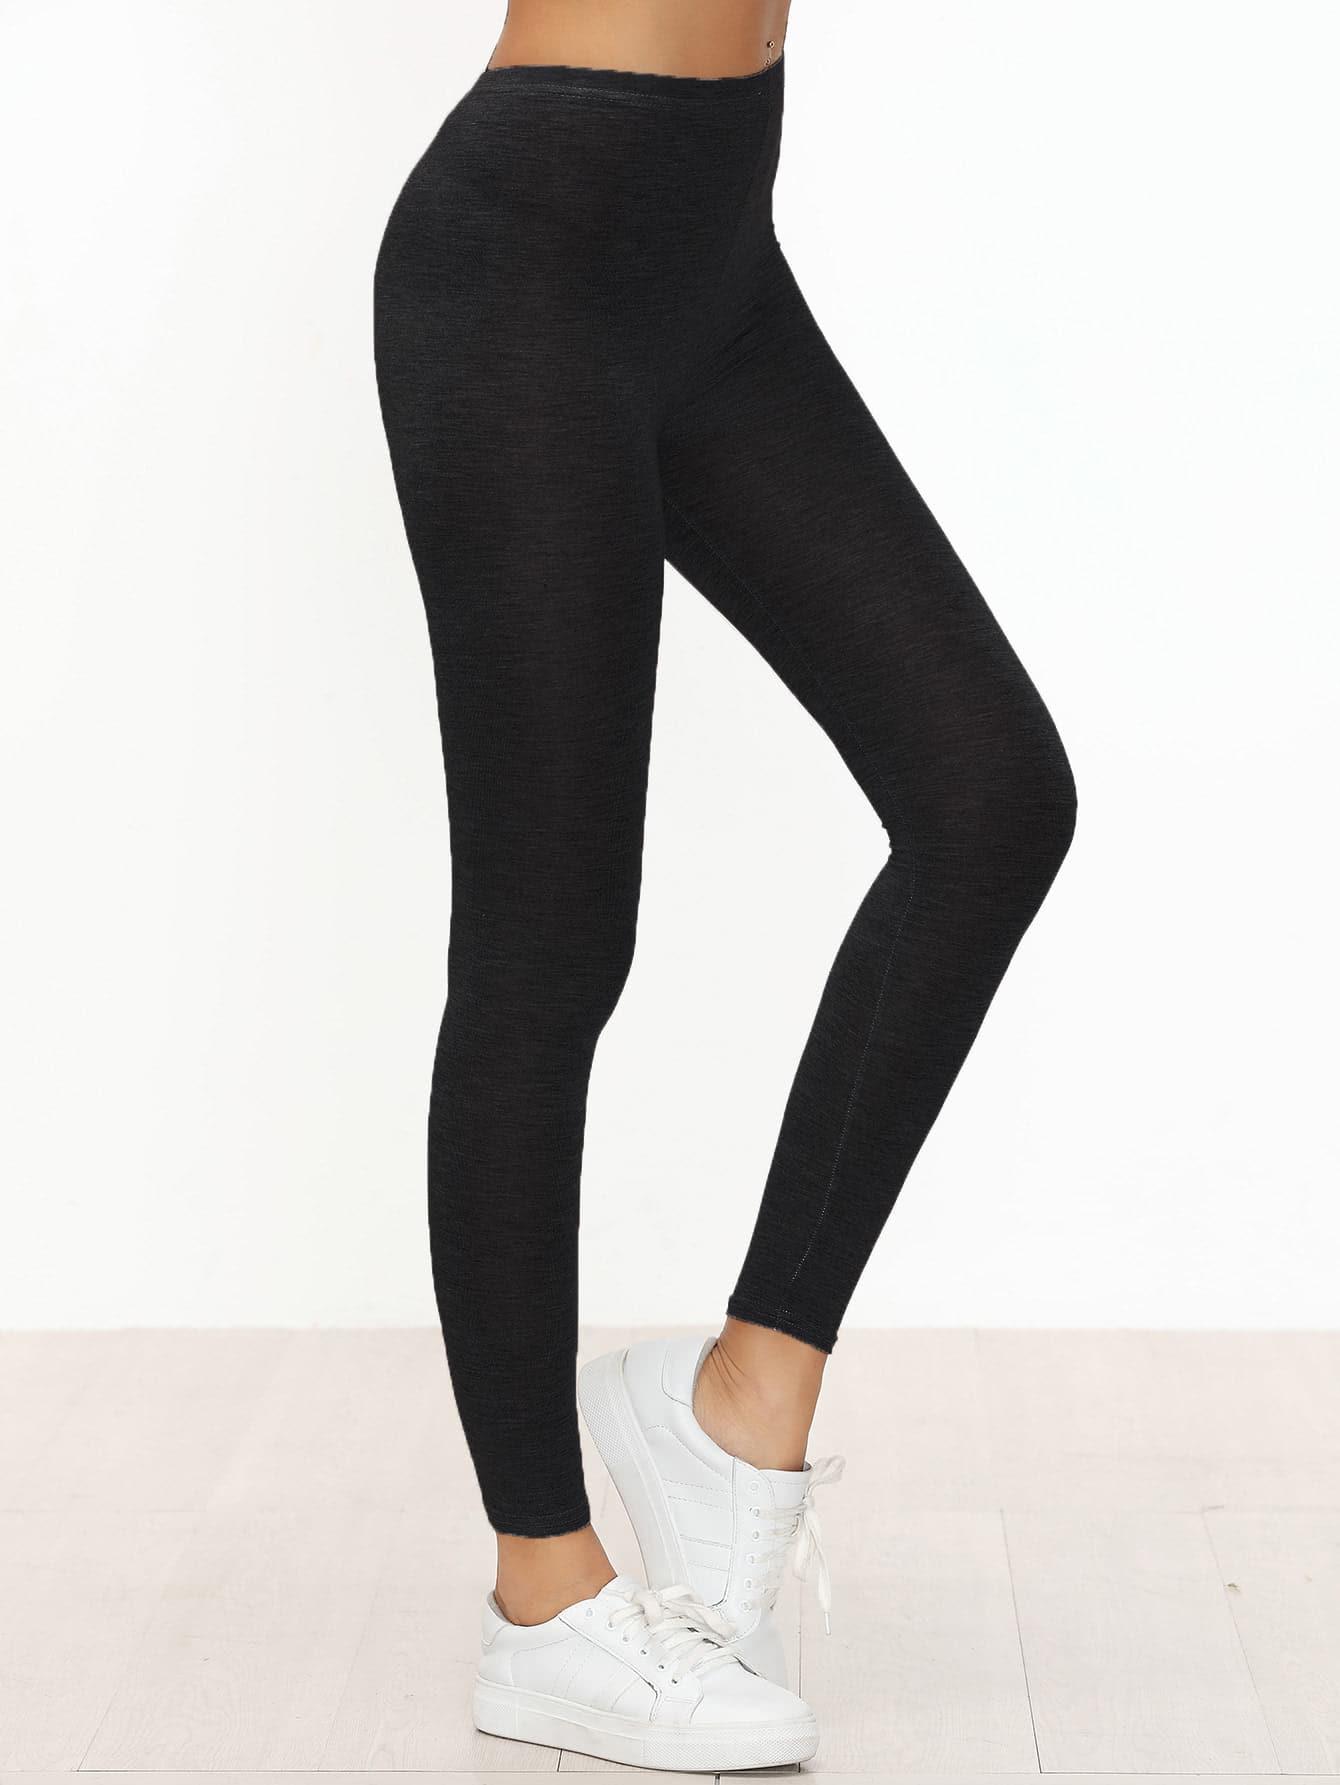 Black Skinny Casual Leggings empire skinny leggings